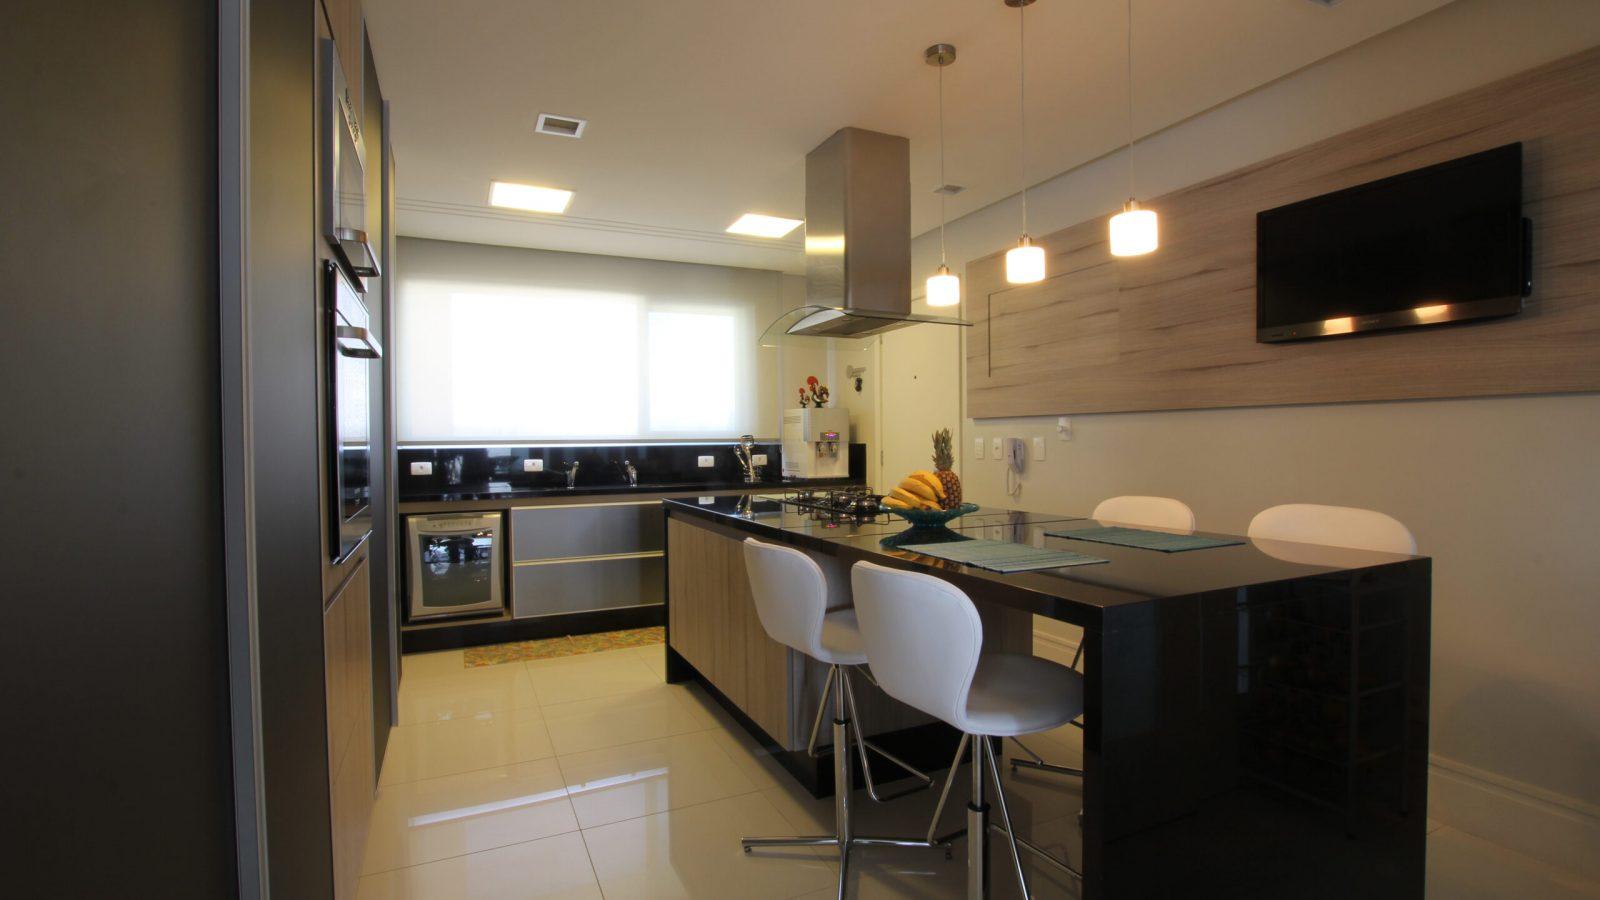 Cozinha com balcão preto no centro e cadeiras brancas. Televisão na parede e pia ao fundo.